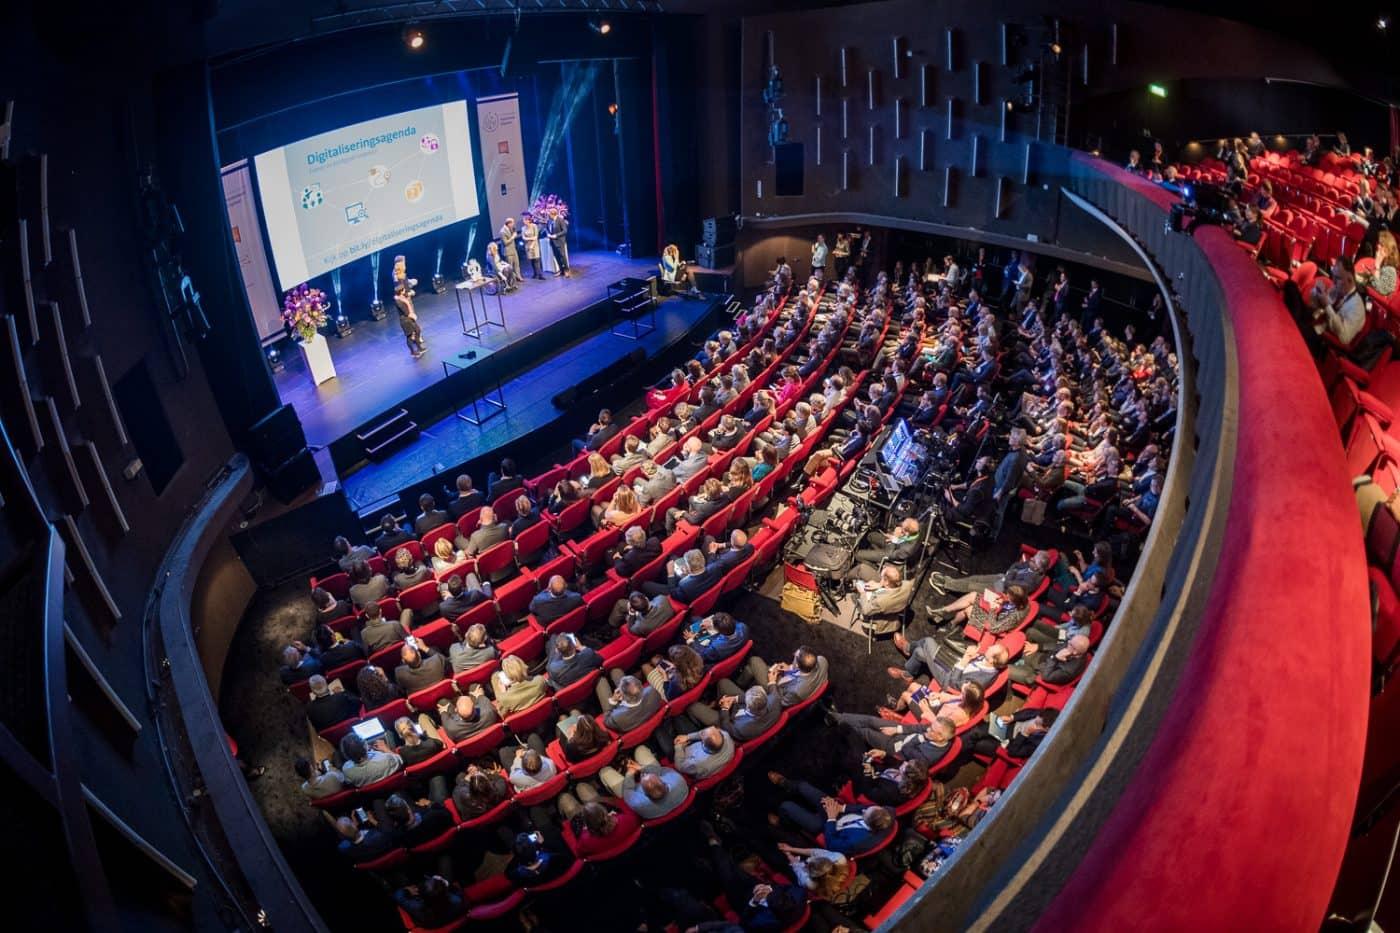 Nederland Digitaal theaterzaal